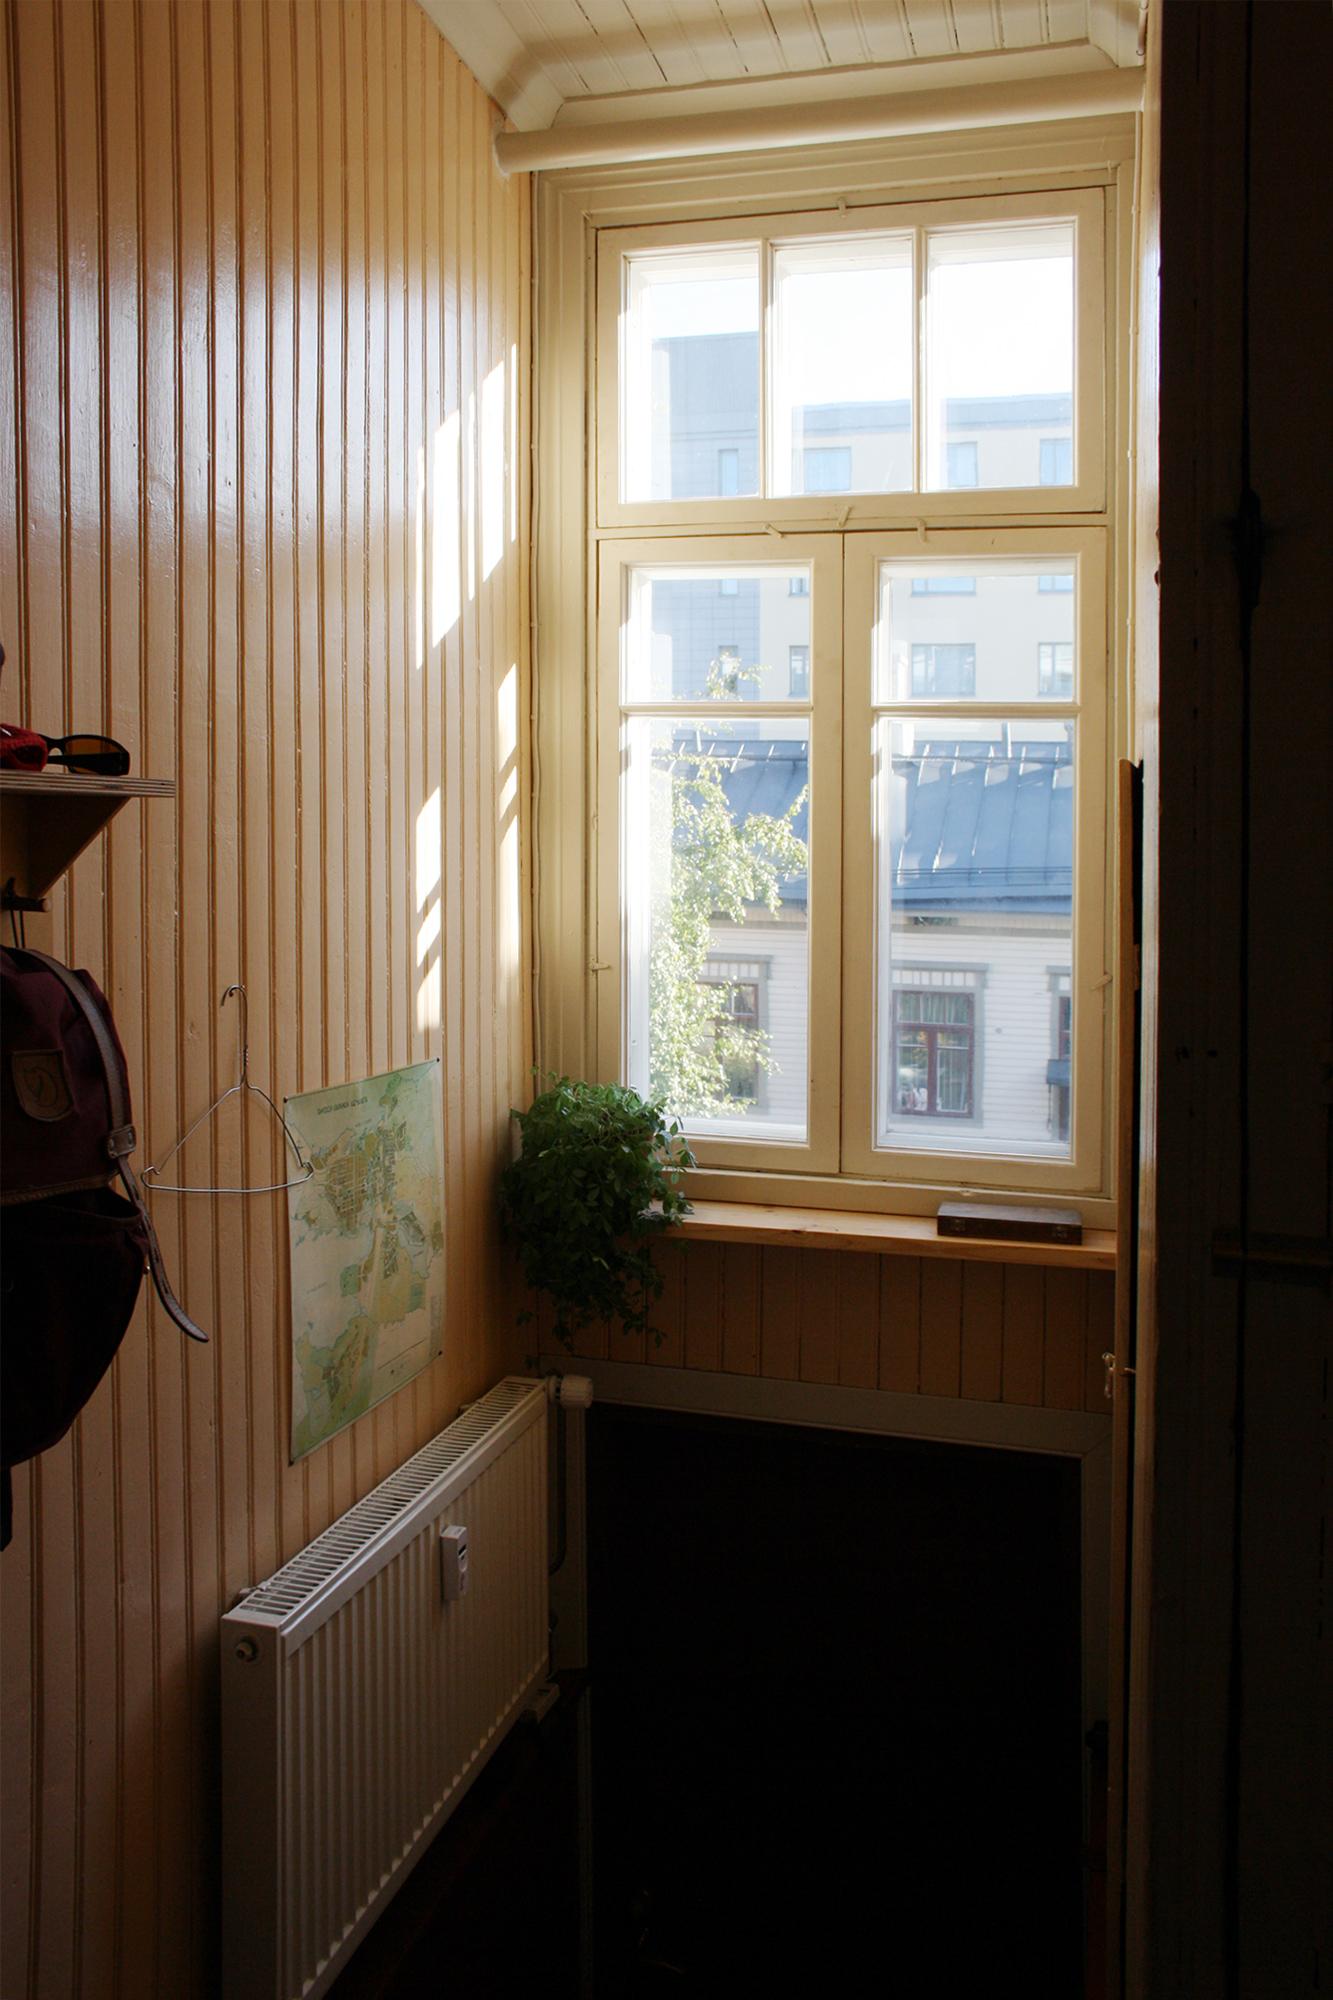 eteisportaikko, urbaanit asumismessut, puutalo, yksiö